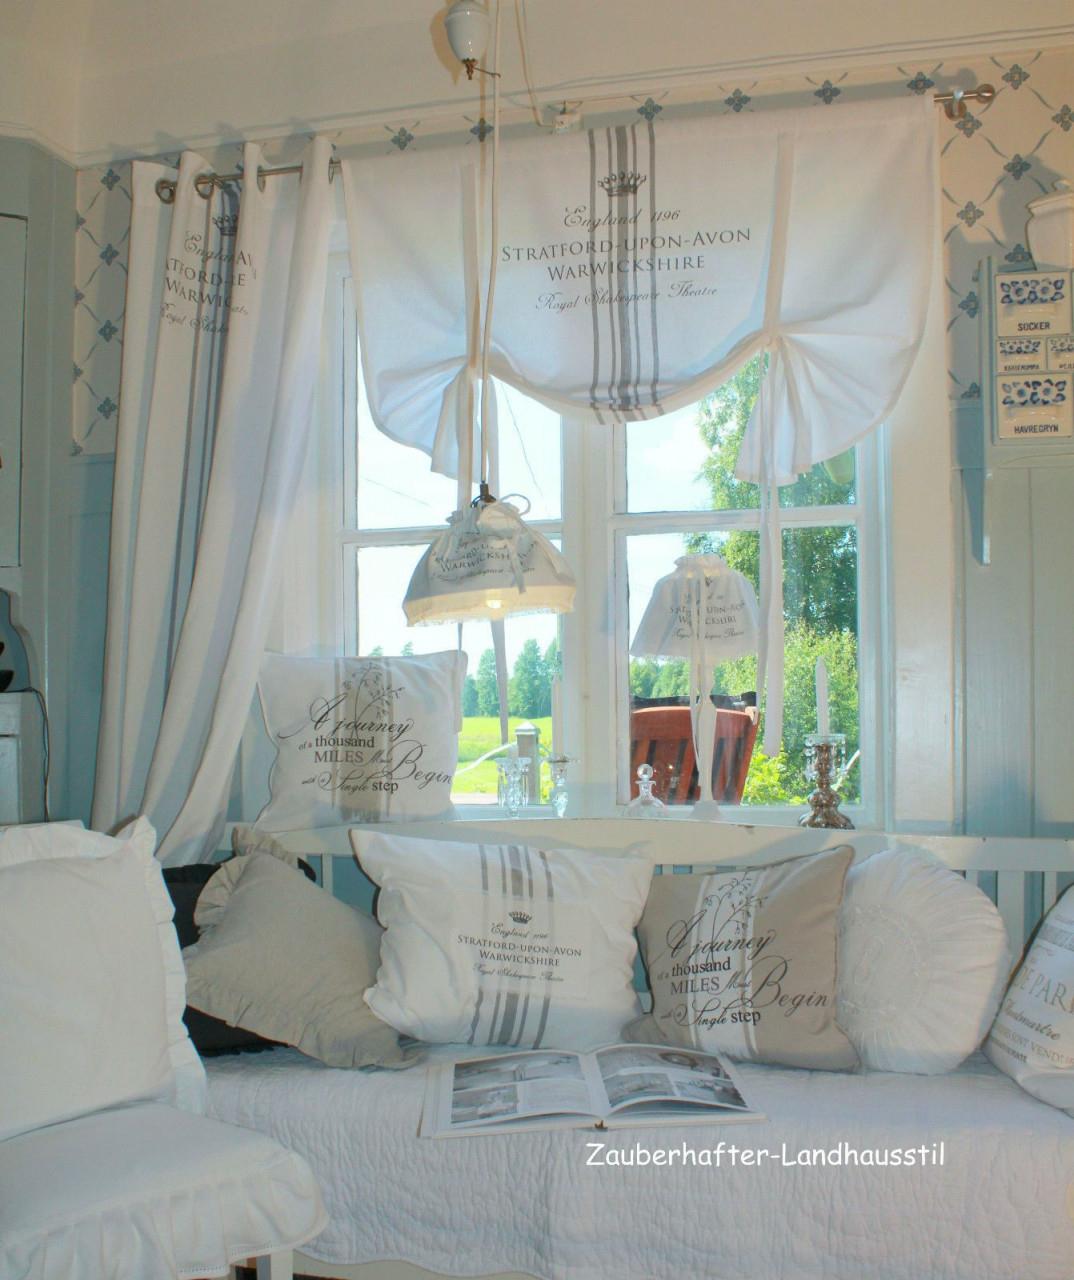 Zauberhafte Wohnidee Im Landhausstil  Gardinen Wohnzimmer von Vintage Gardinen Wohnzimmer Bild